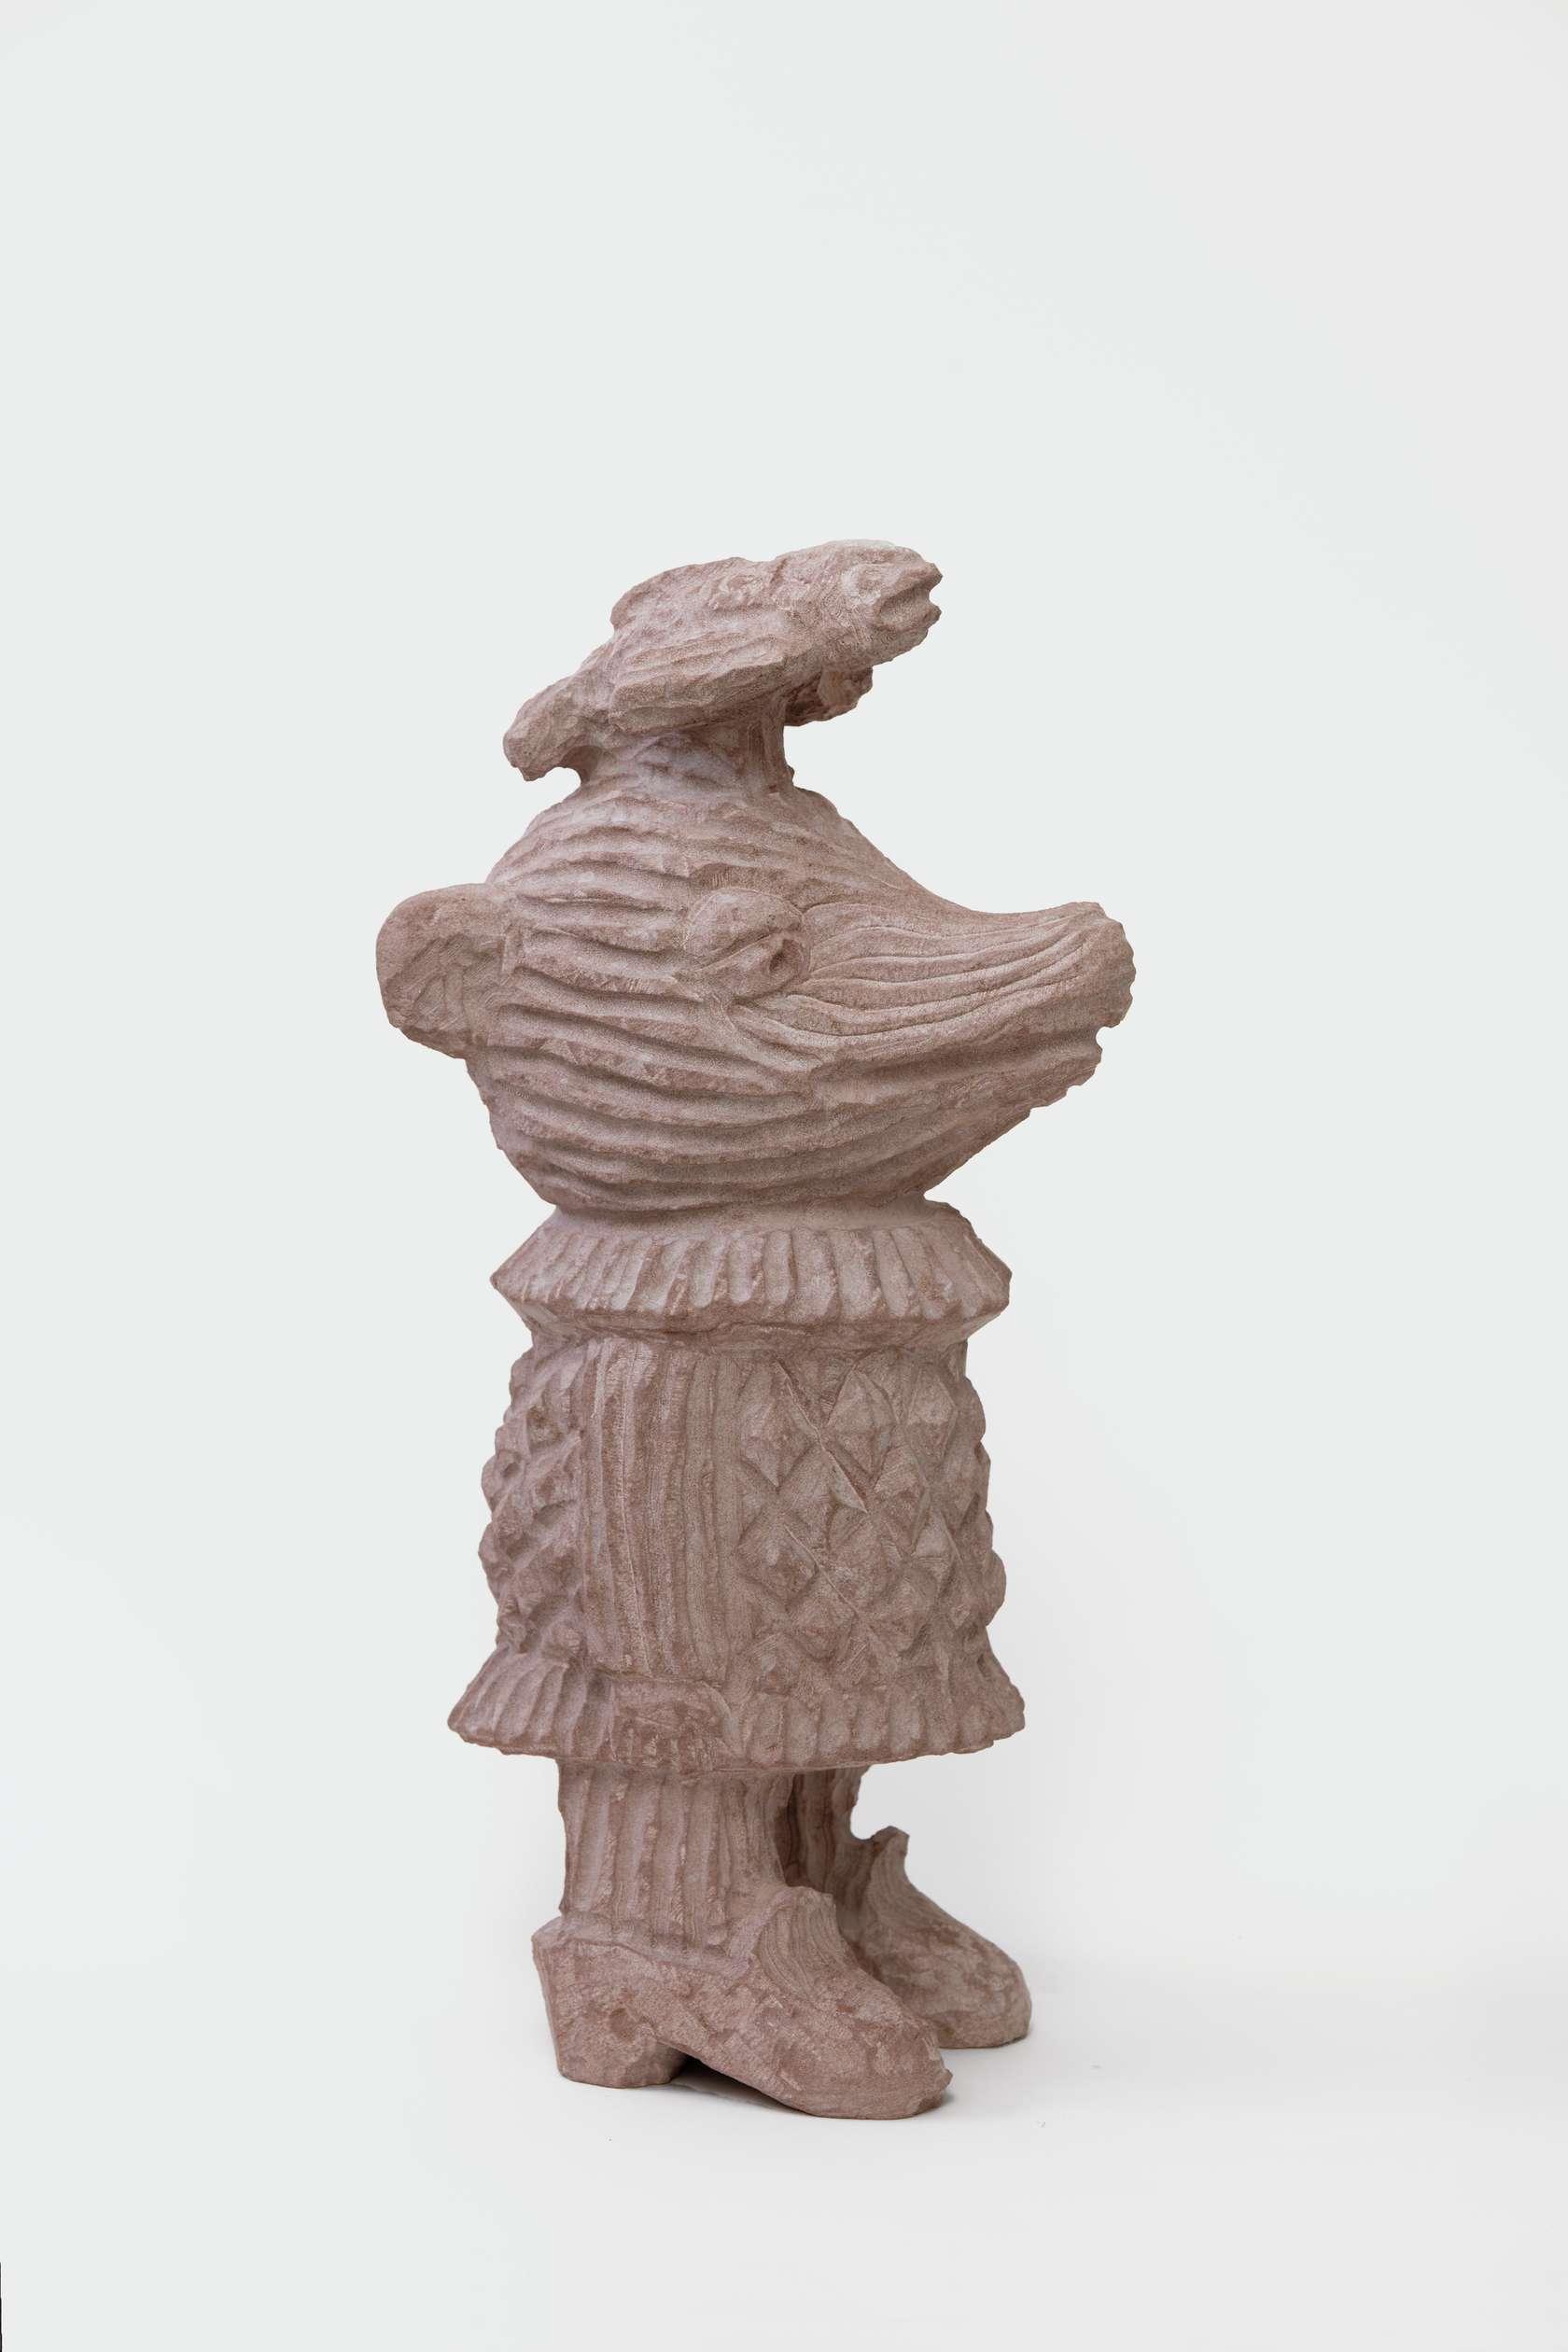 Stefan Rinck, Pescaterian, 2017 Grès44 × 19 × 14 cm / 17 3/8 × 7 1/2 × 5 1/2 in.